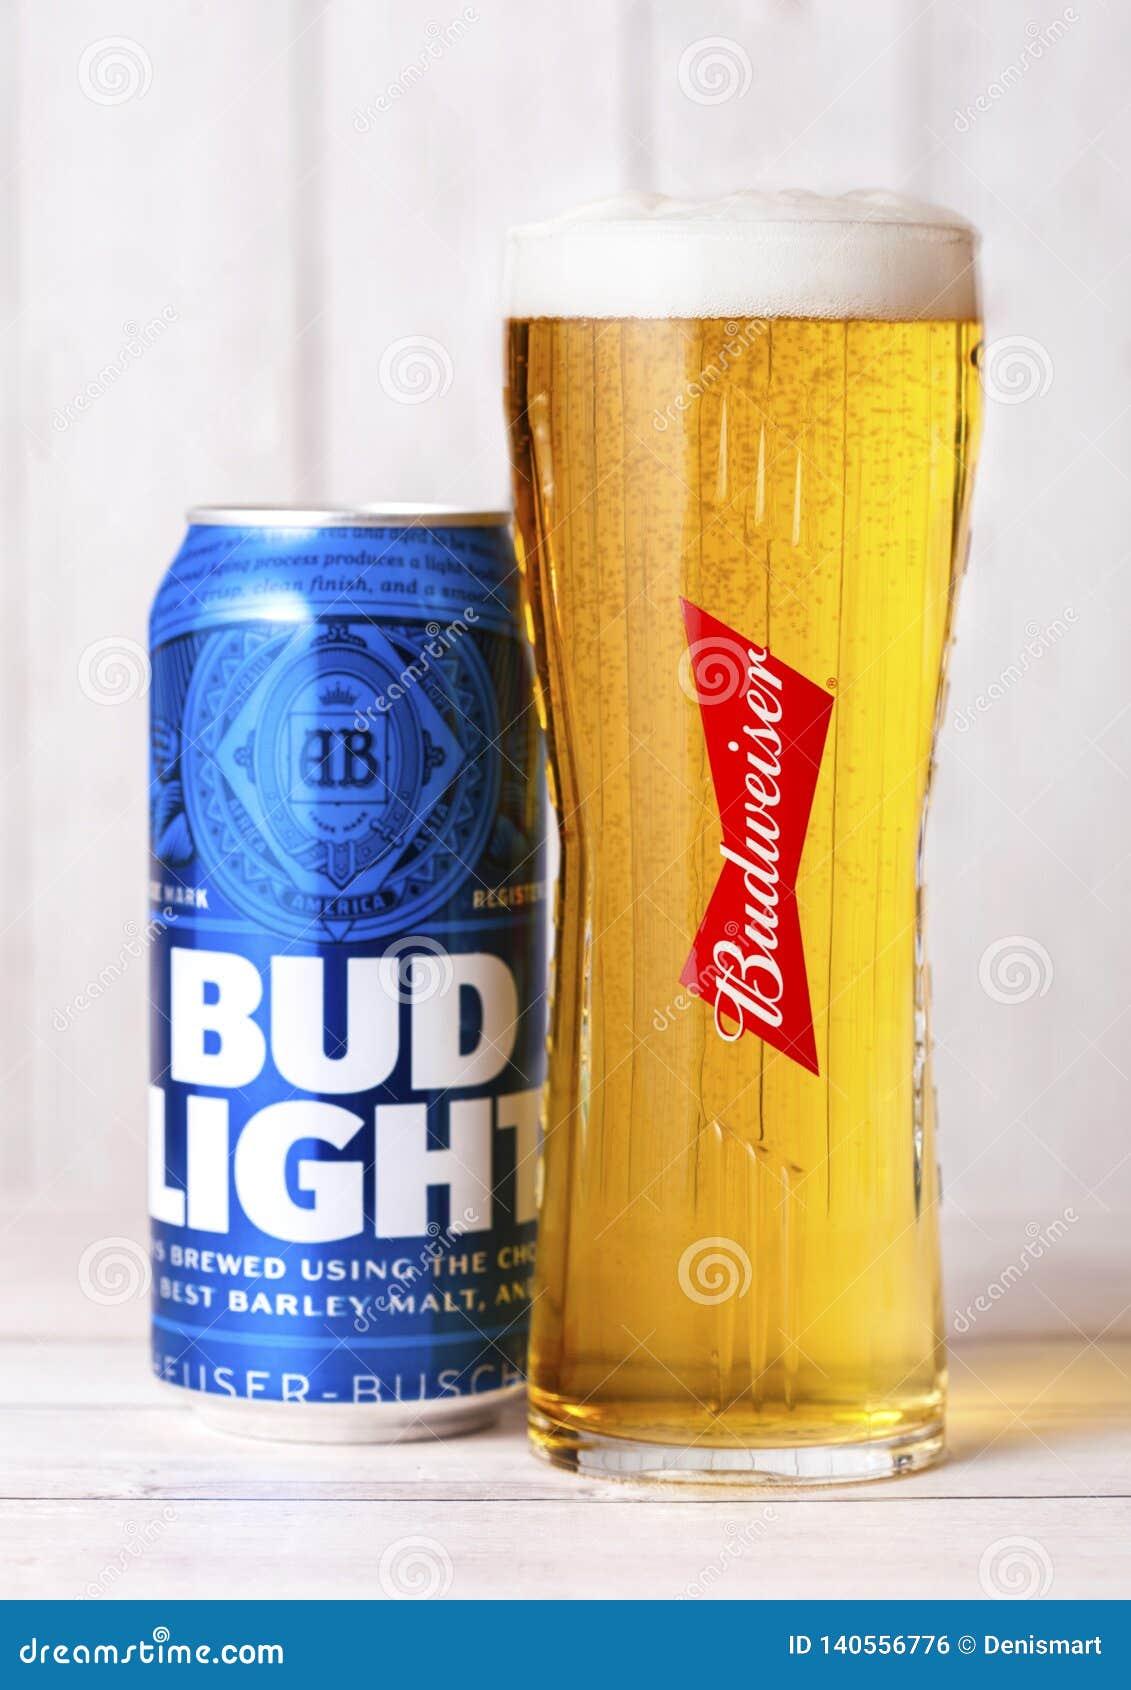 LONDRA, REGNO UNITO - 27 APRILE 2018: Latta di alluminio di Budweiser Bud Light Beer su fondo di legno con vetro originale